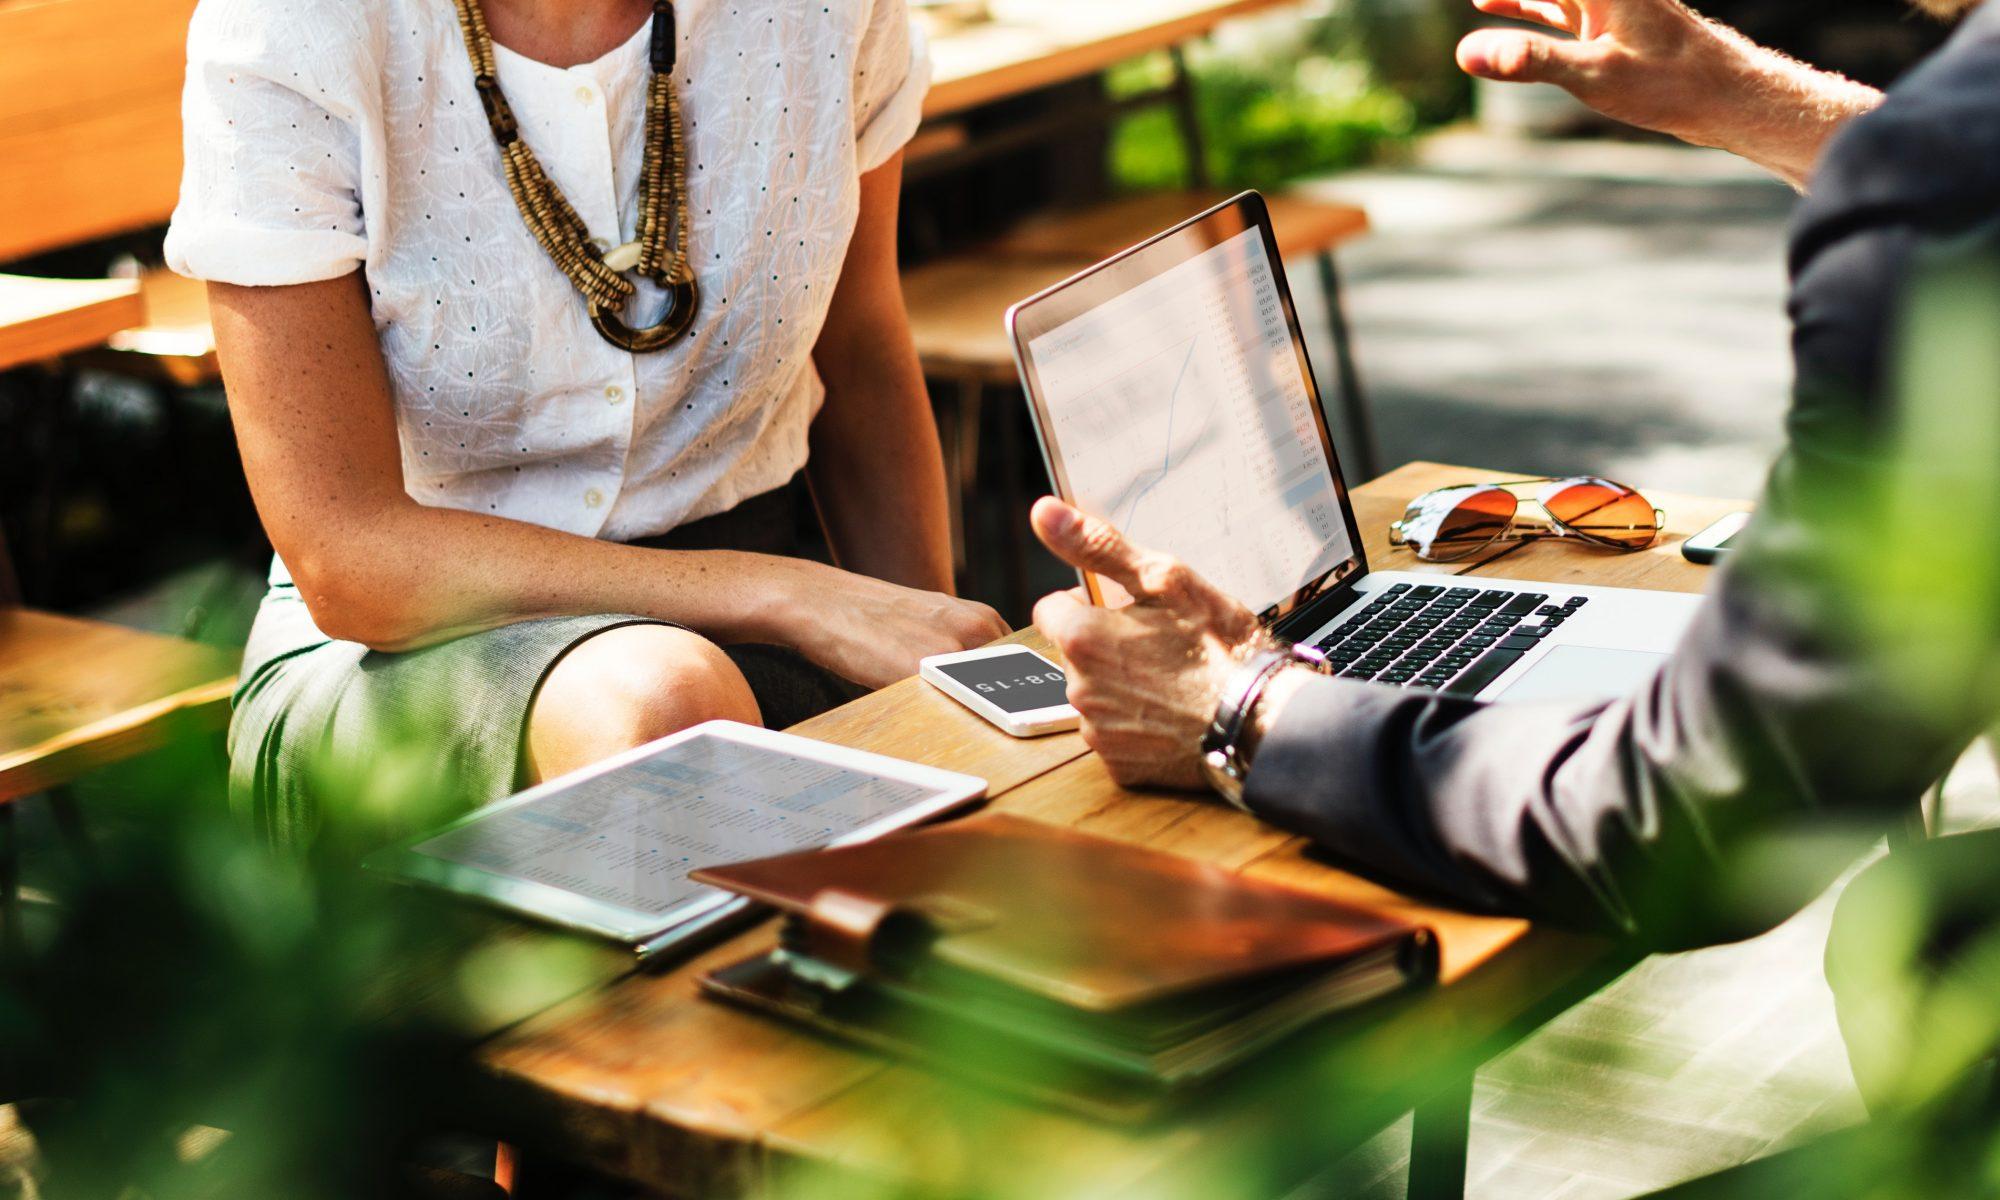 πολιτική κατά των γνωριμιών στον χώρο εργασίας